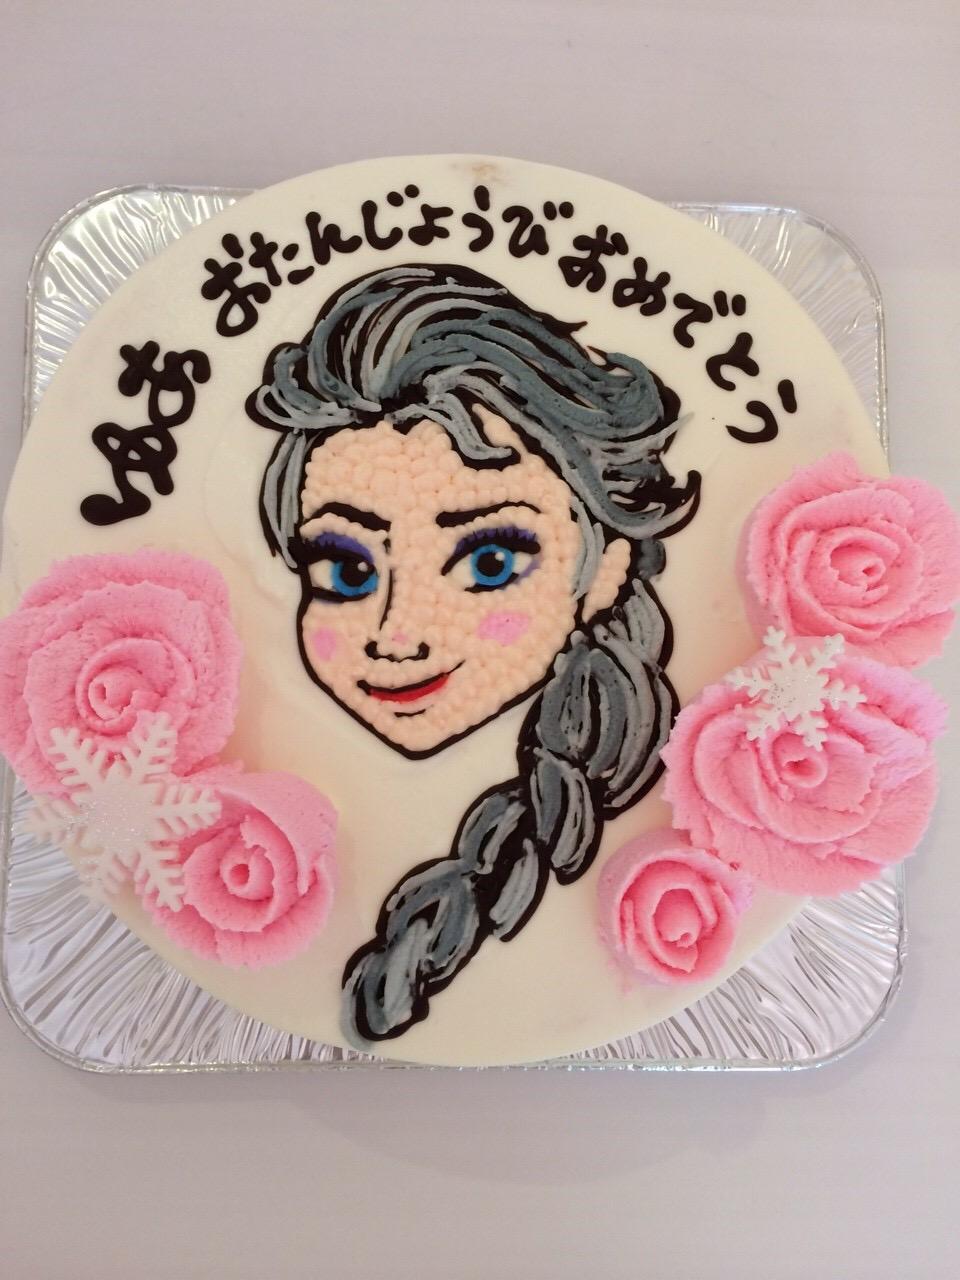 名古屋のキャラクターイラスト入りバースデーケーキ